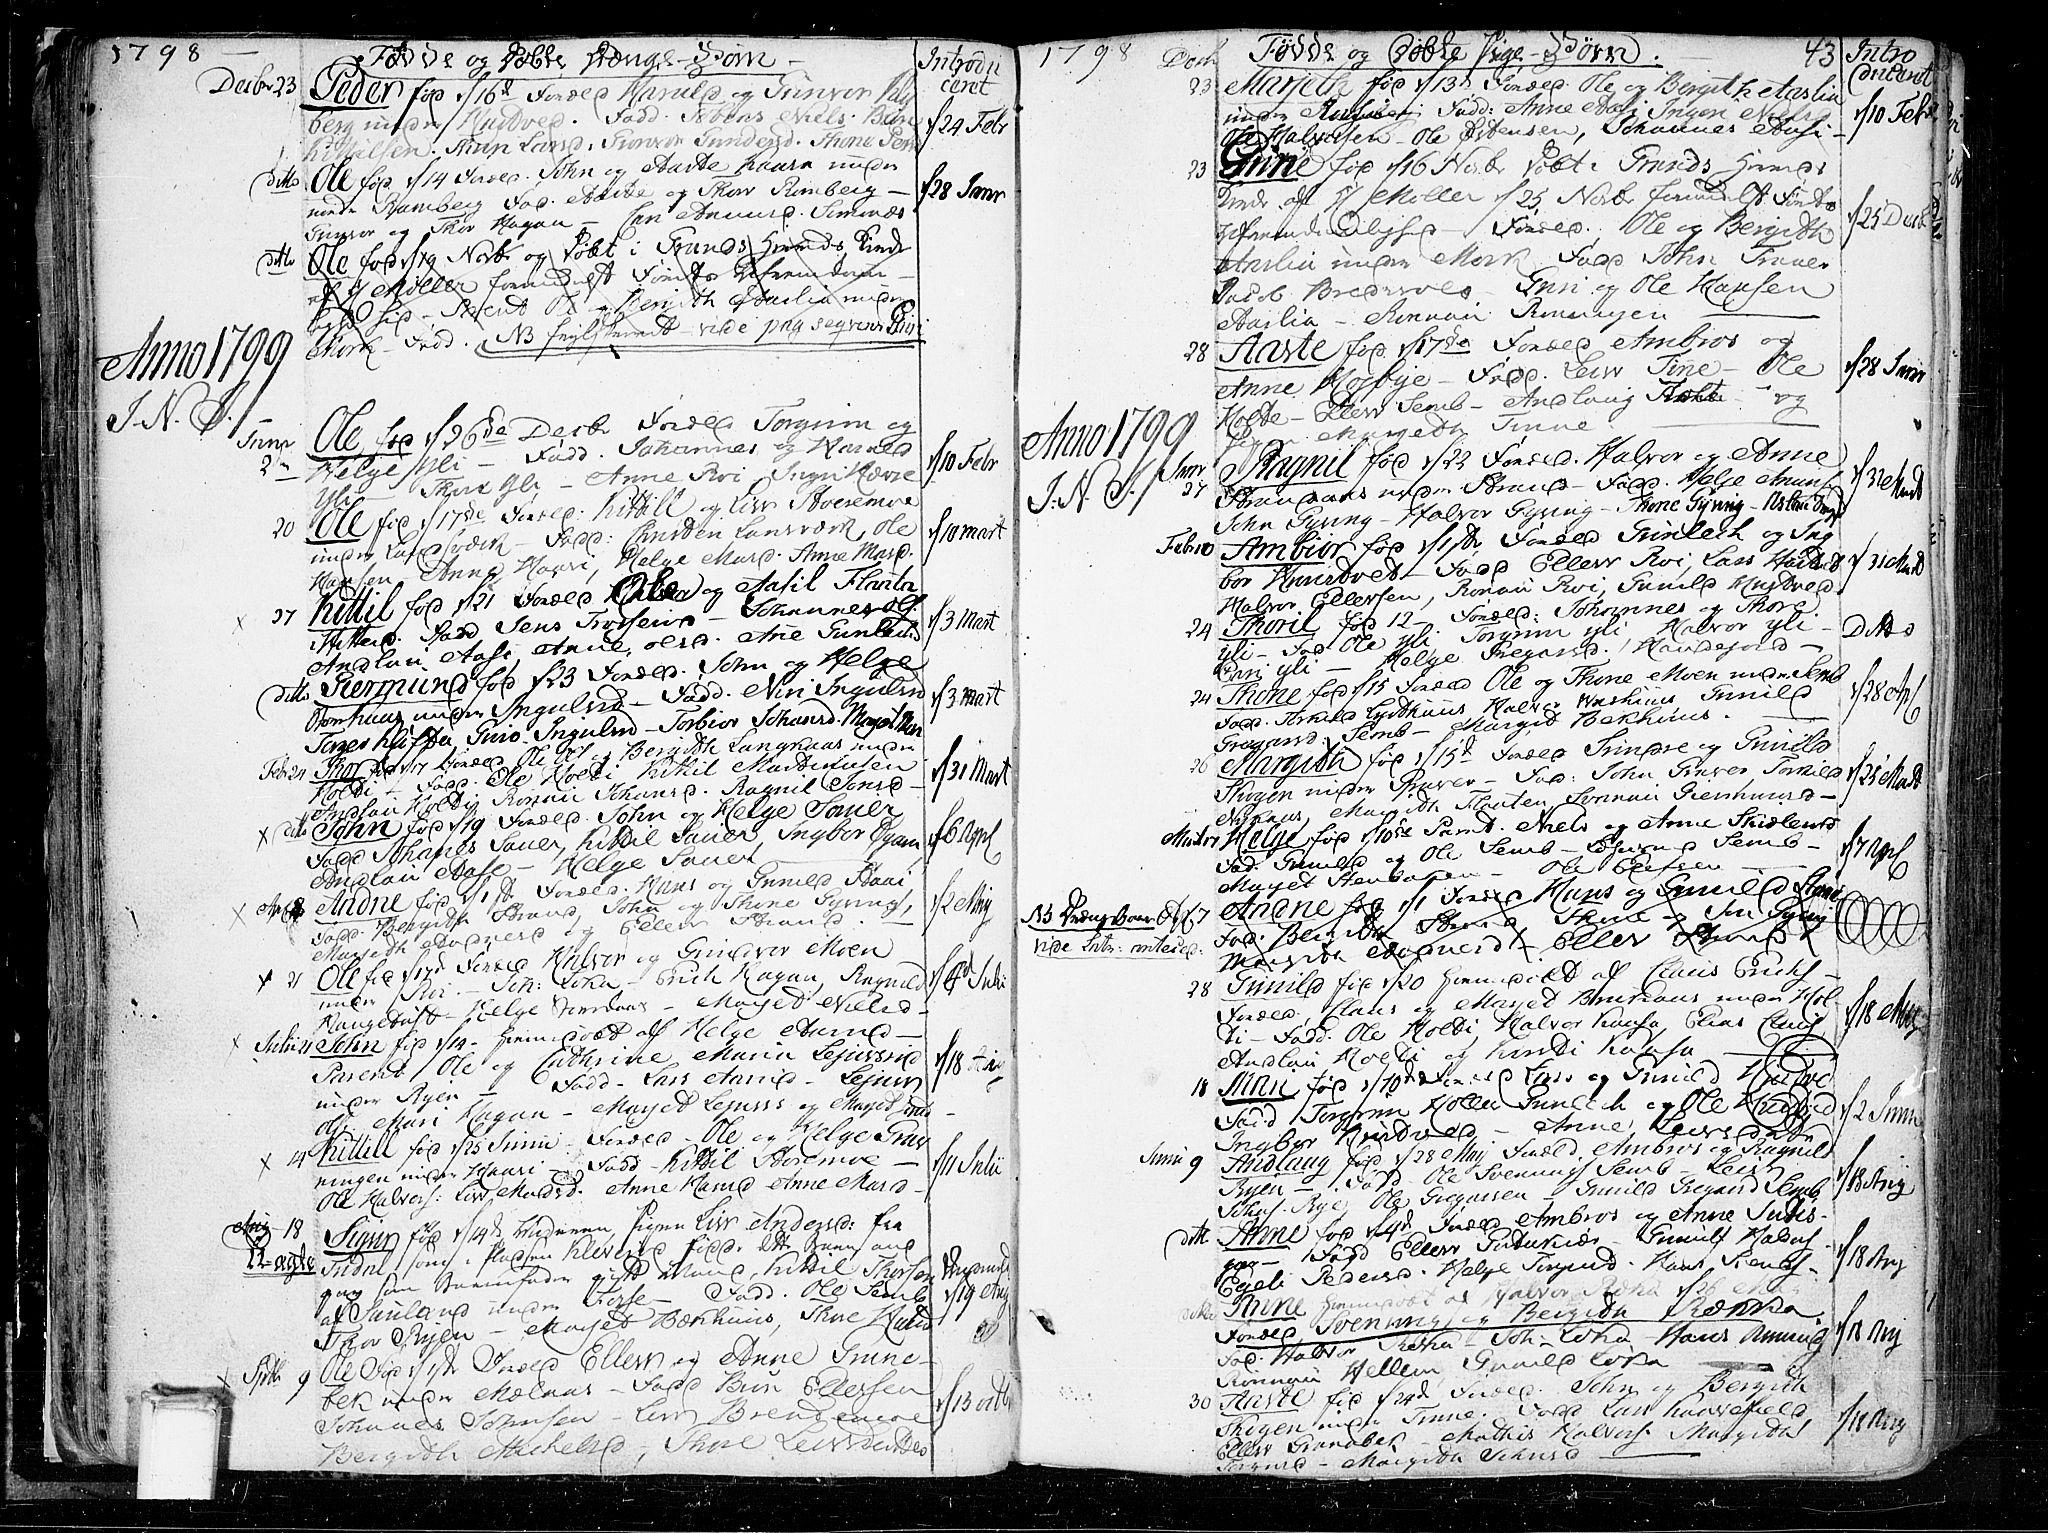 SAKO, Heddal kirkebøker, F/Fa/L0004: Ministerialbok nr. I 4, 1784-1814, s. 43